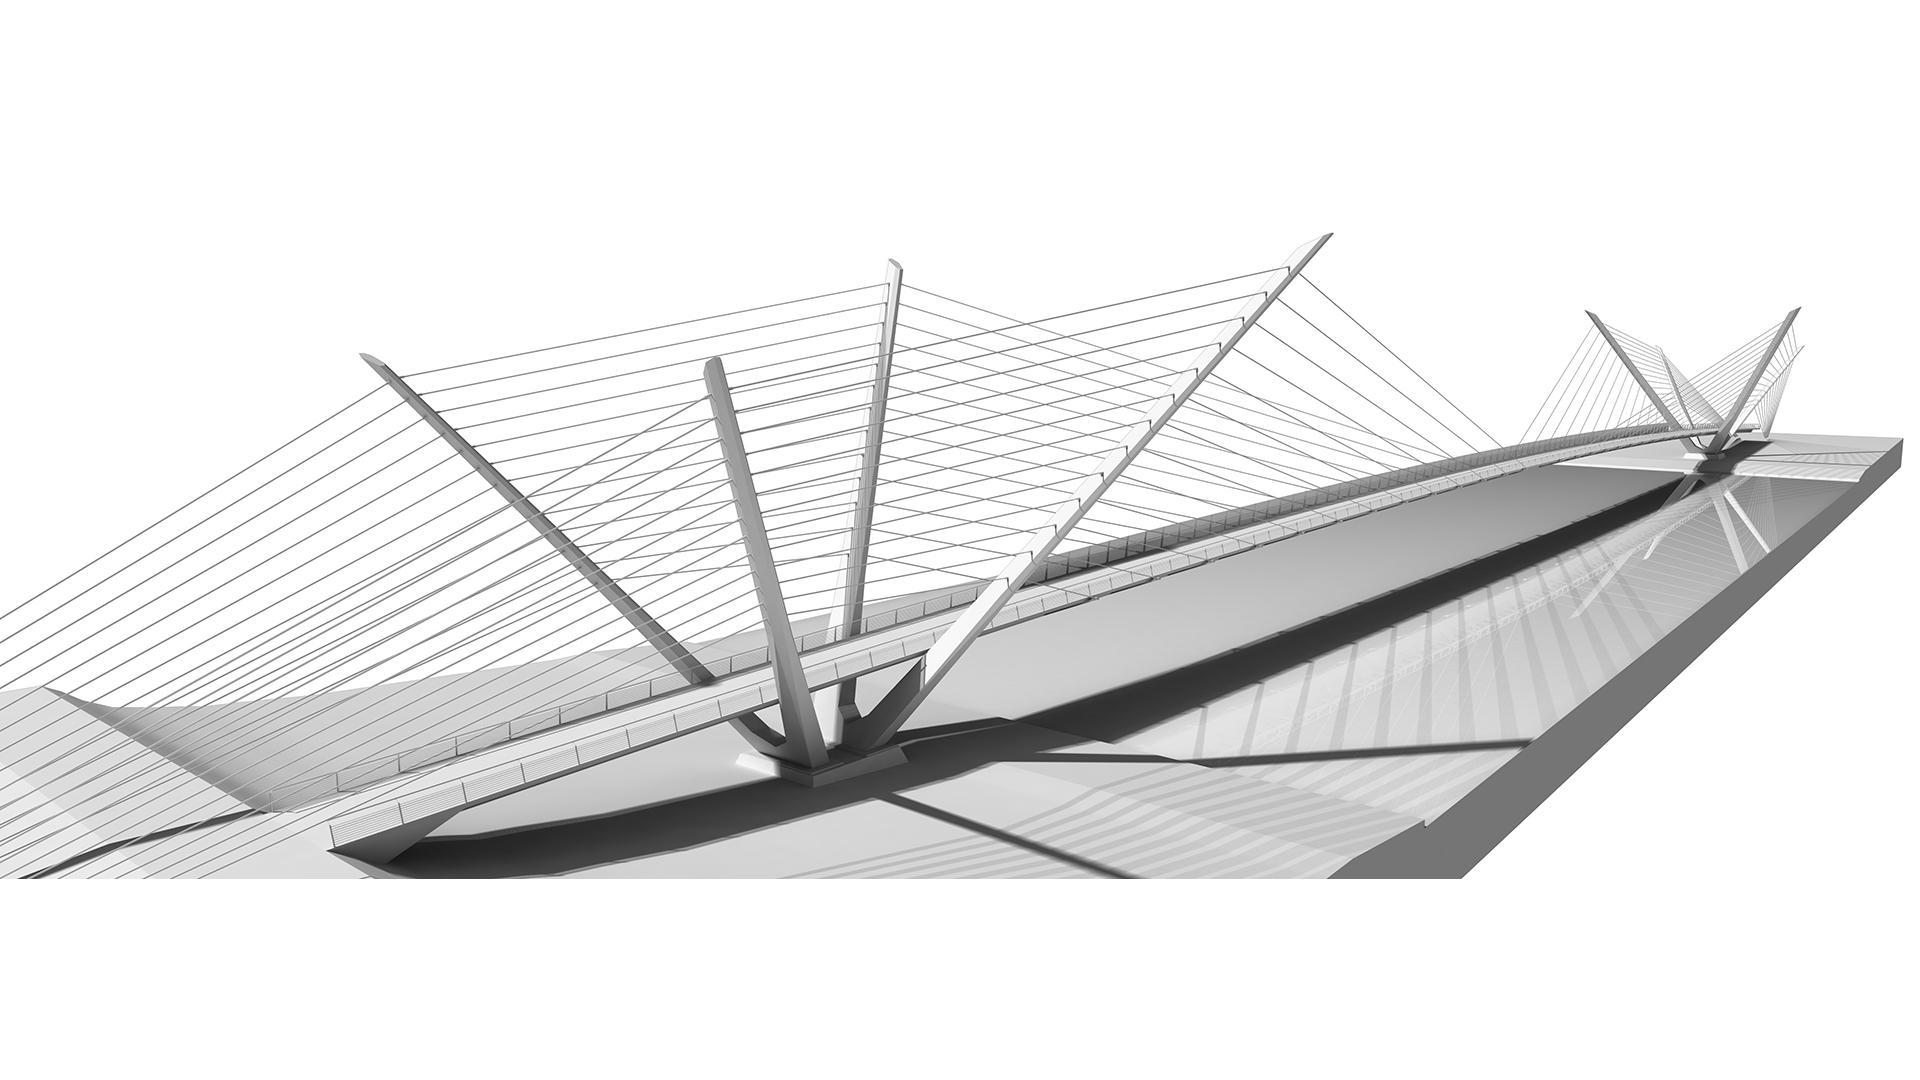 Donausteg, Linz | Sauerzapfe Architekten